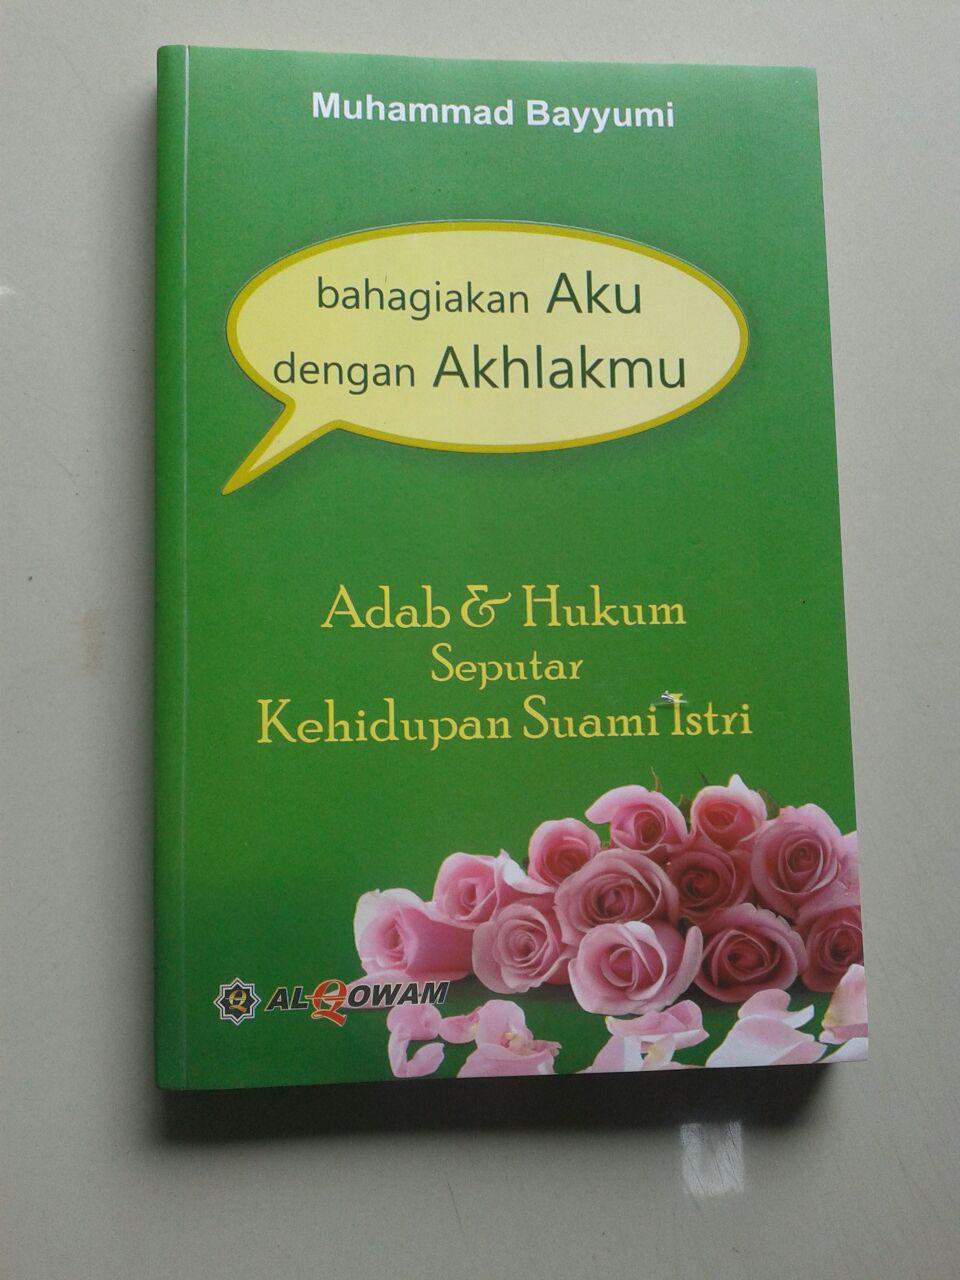 Buku Bahagiakan Aku Dengan Akhlakmu Adab Seputar Kehidupan Suami Istri cover 2